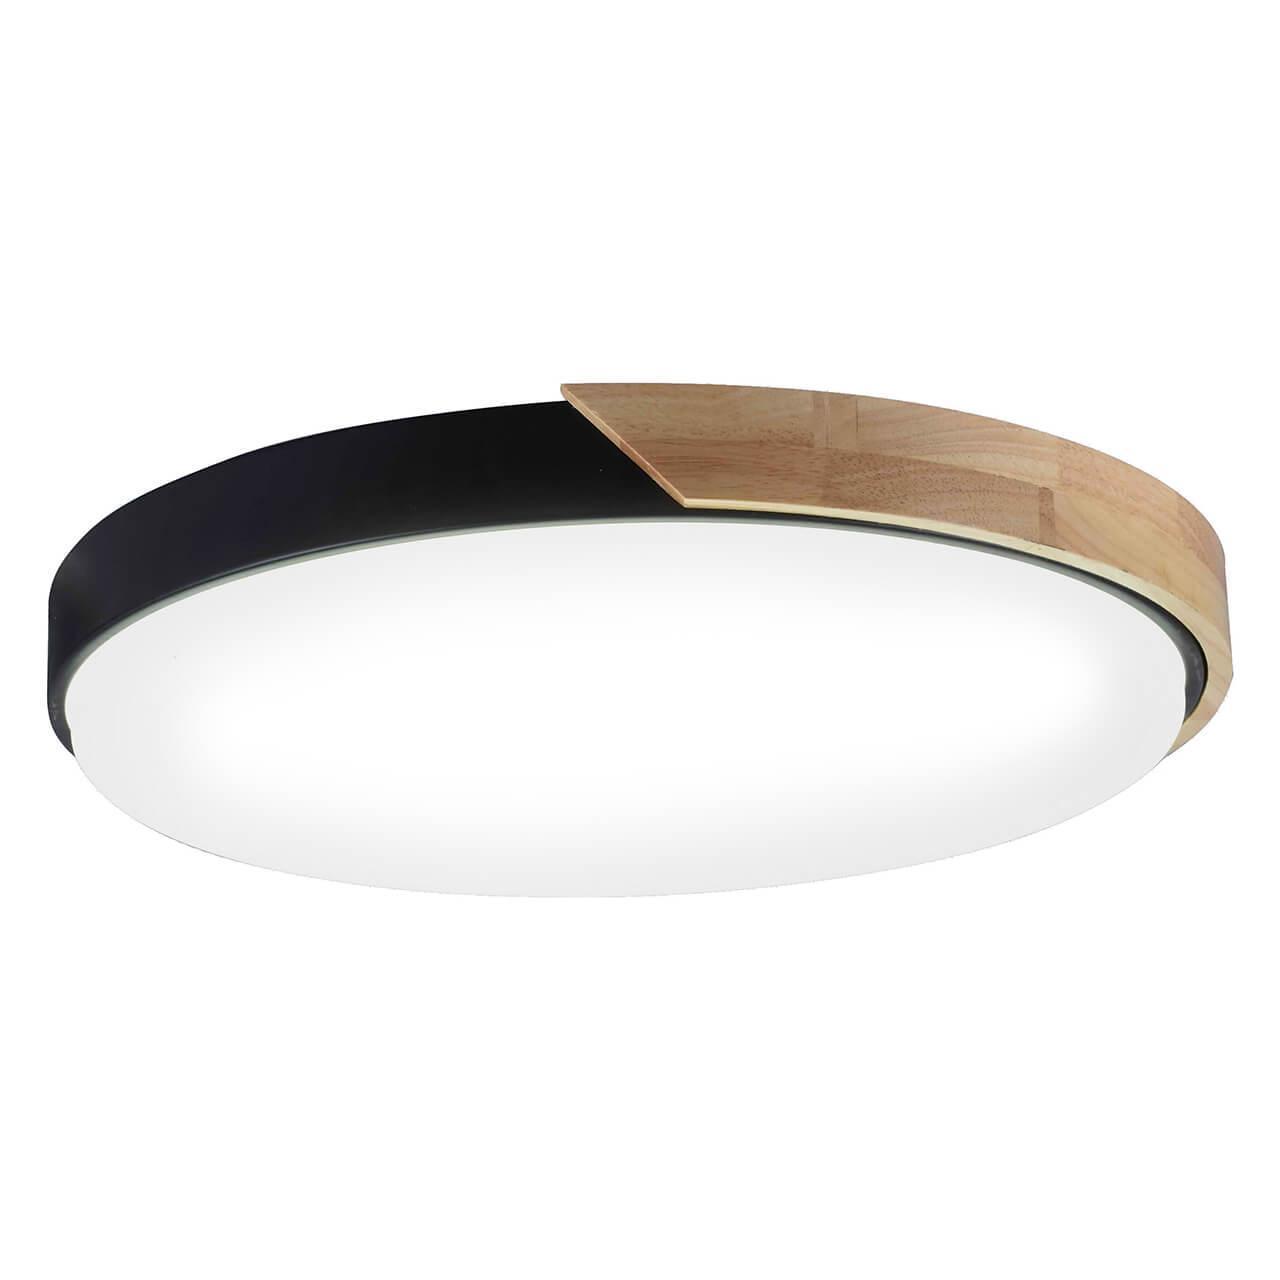 Потолочный светодиодный светильник Hiper Wood H822-9